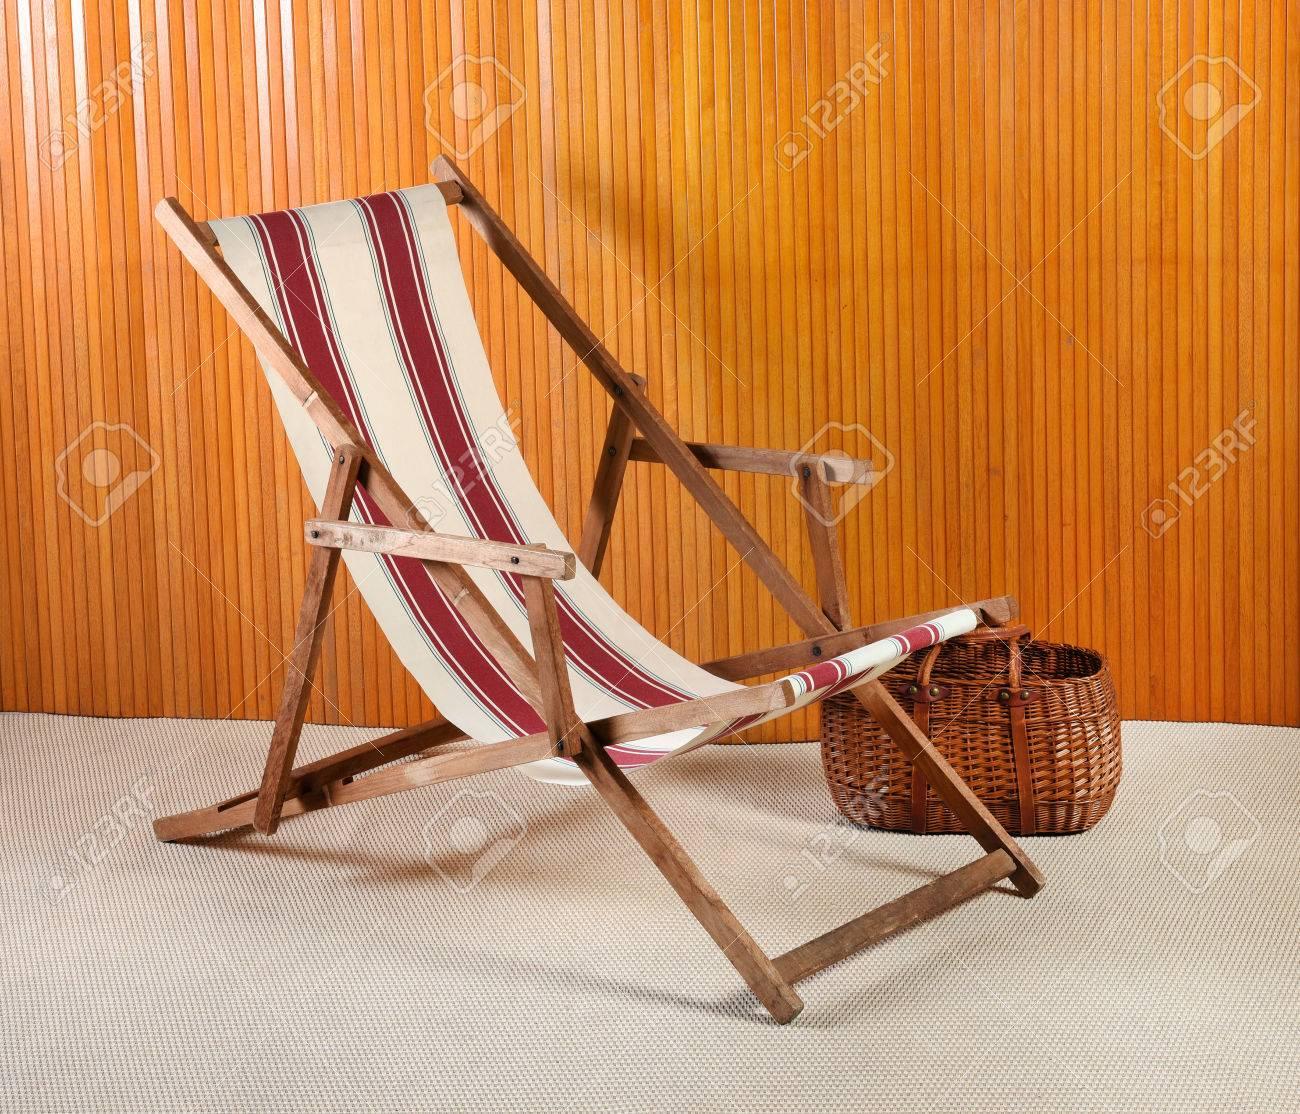 https fr 123rf com photo 77100066 vue lat c3 a9rale de la chaise longue c3 a0 rayures et du panier en osier dans la chambre moderne html